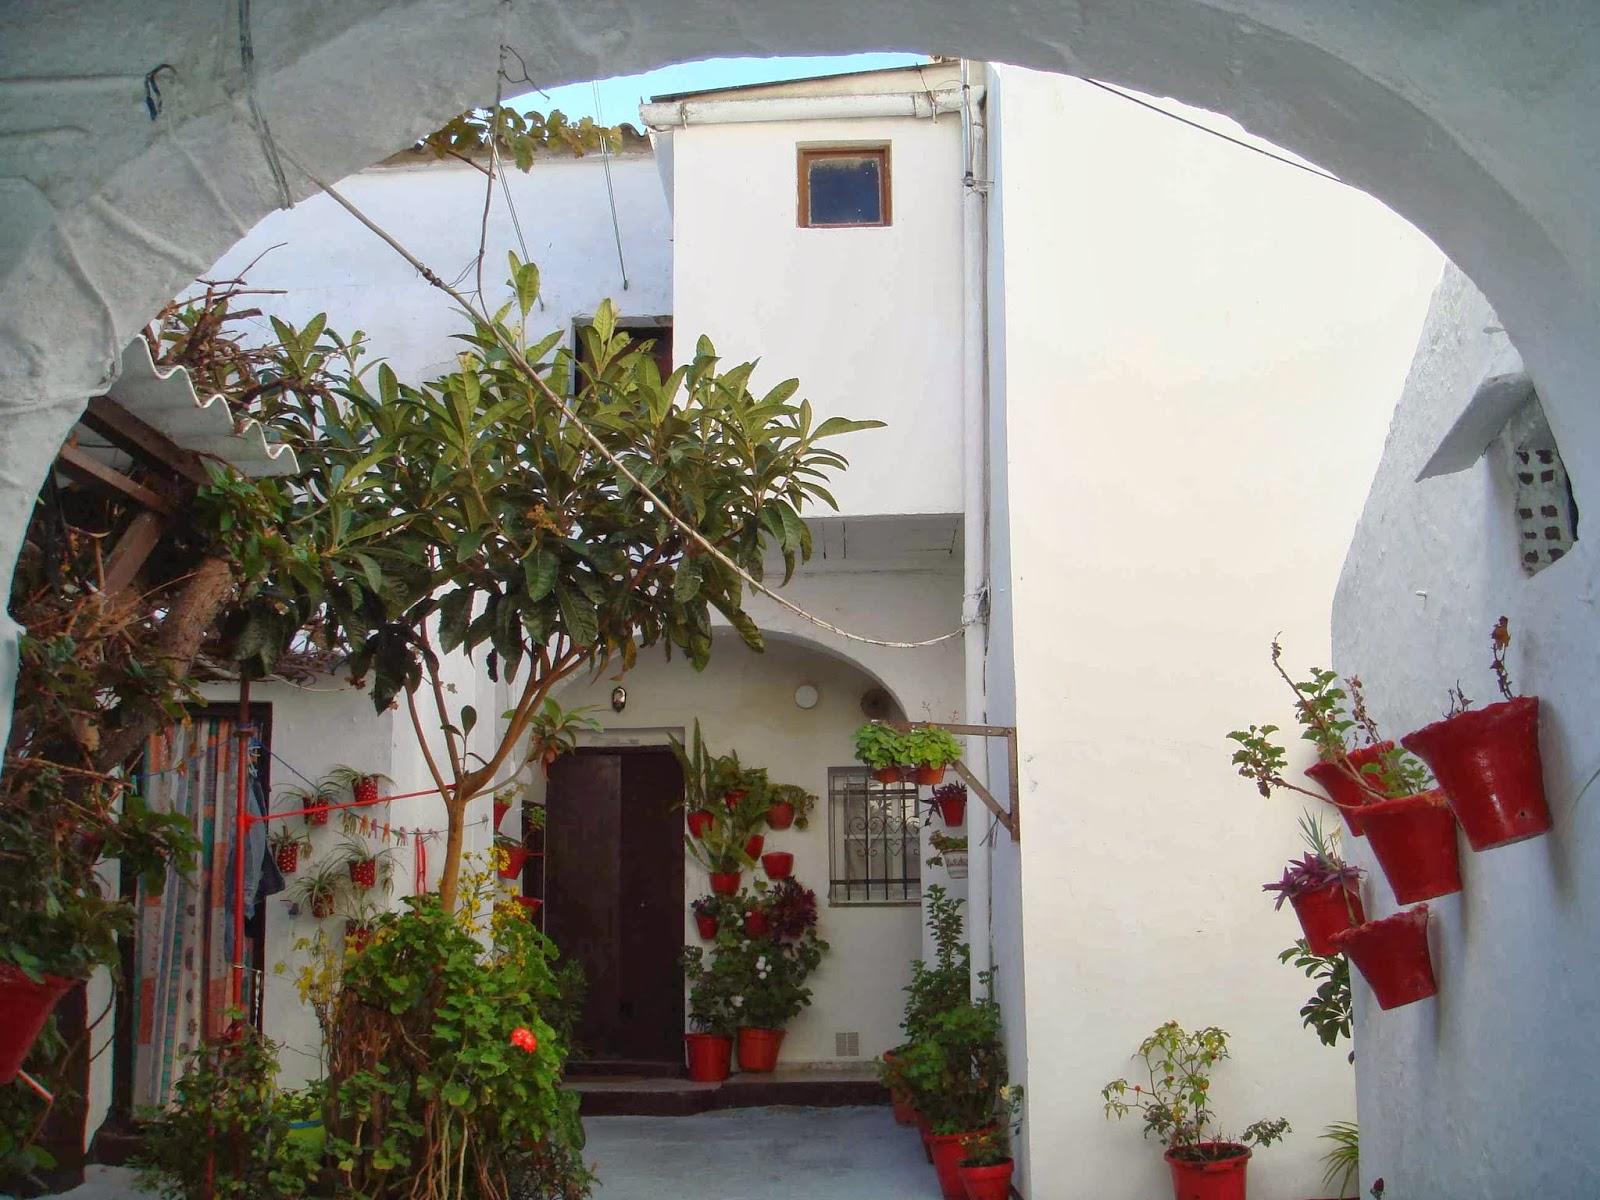 Abre tu patio a la red patios - Patios con macetas ...